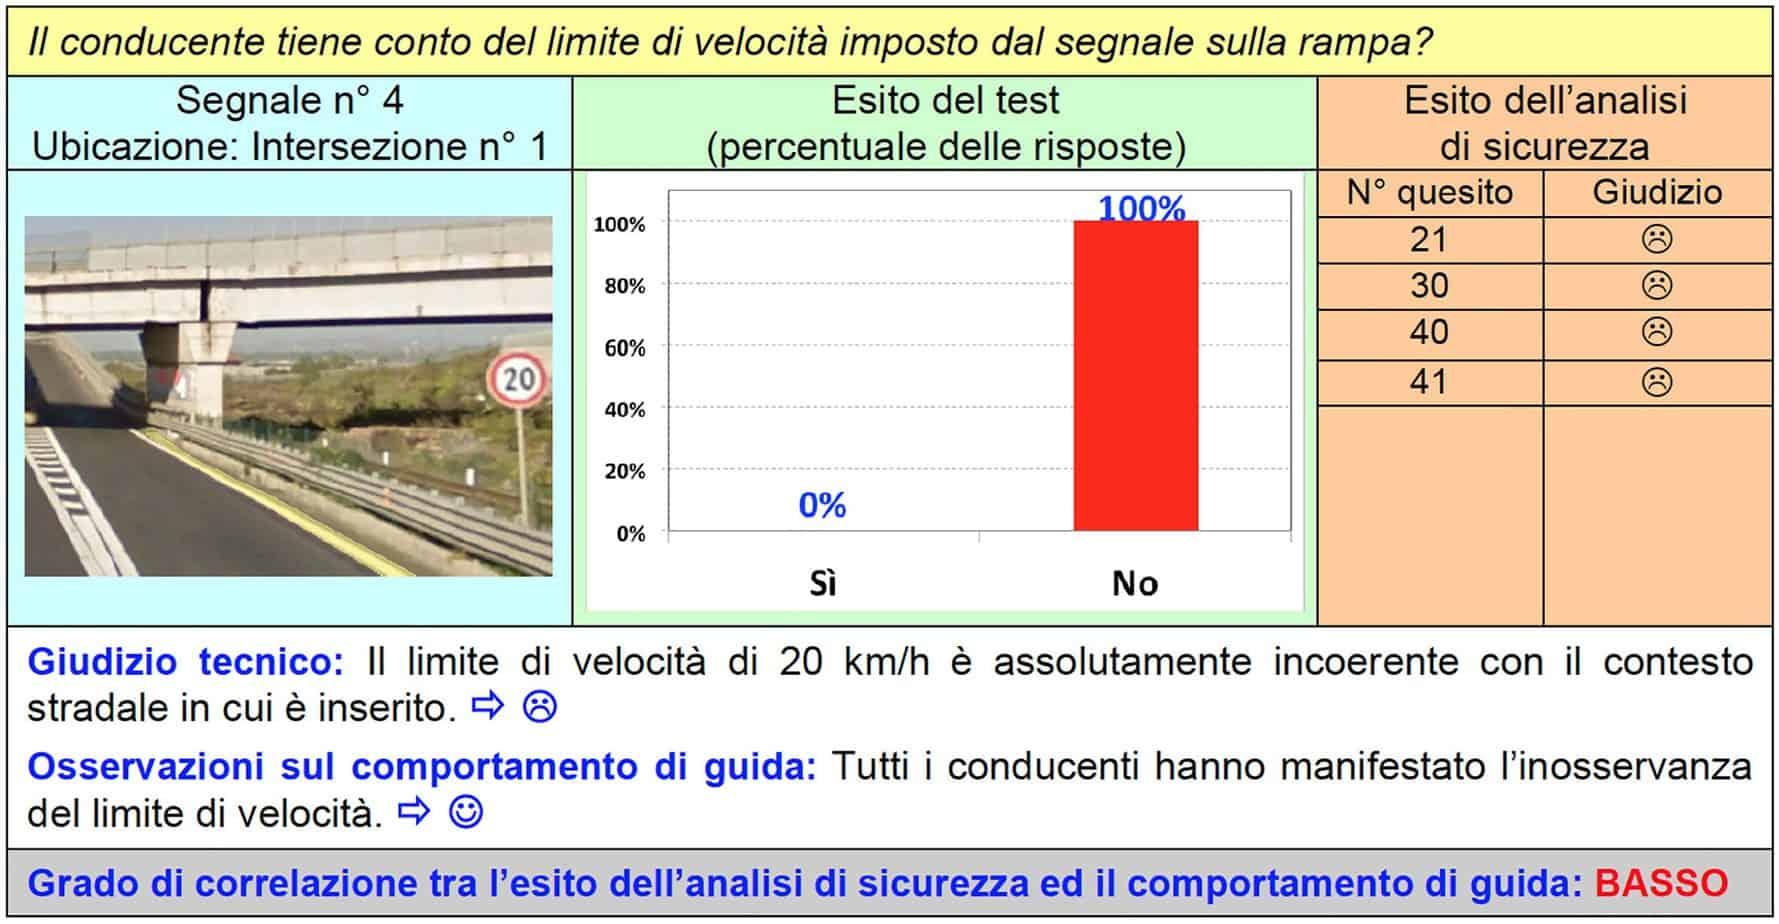 La scheda di correlazione per il segnale n° 4 dell'intersezione n° 1